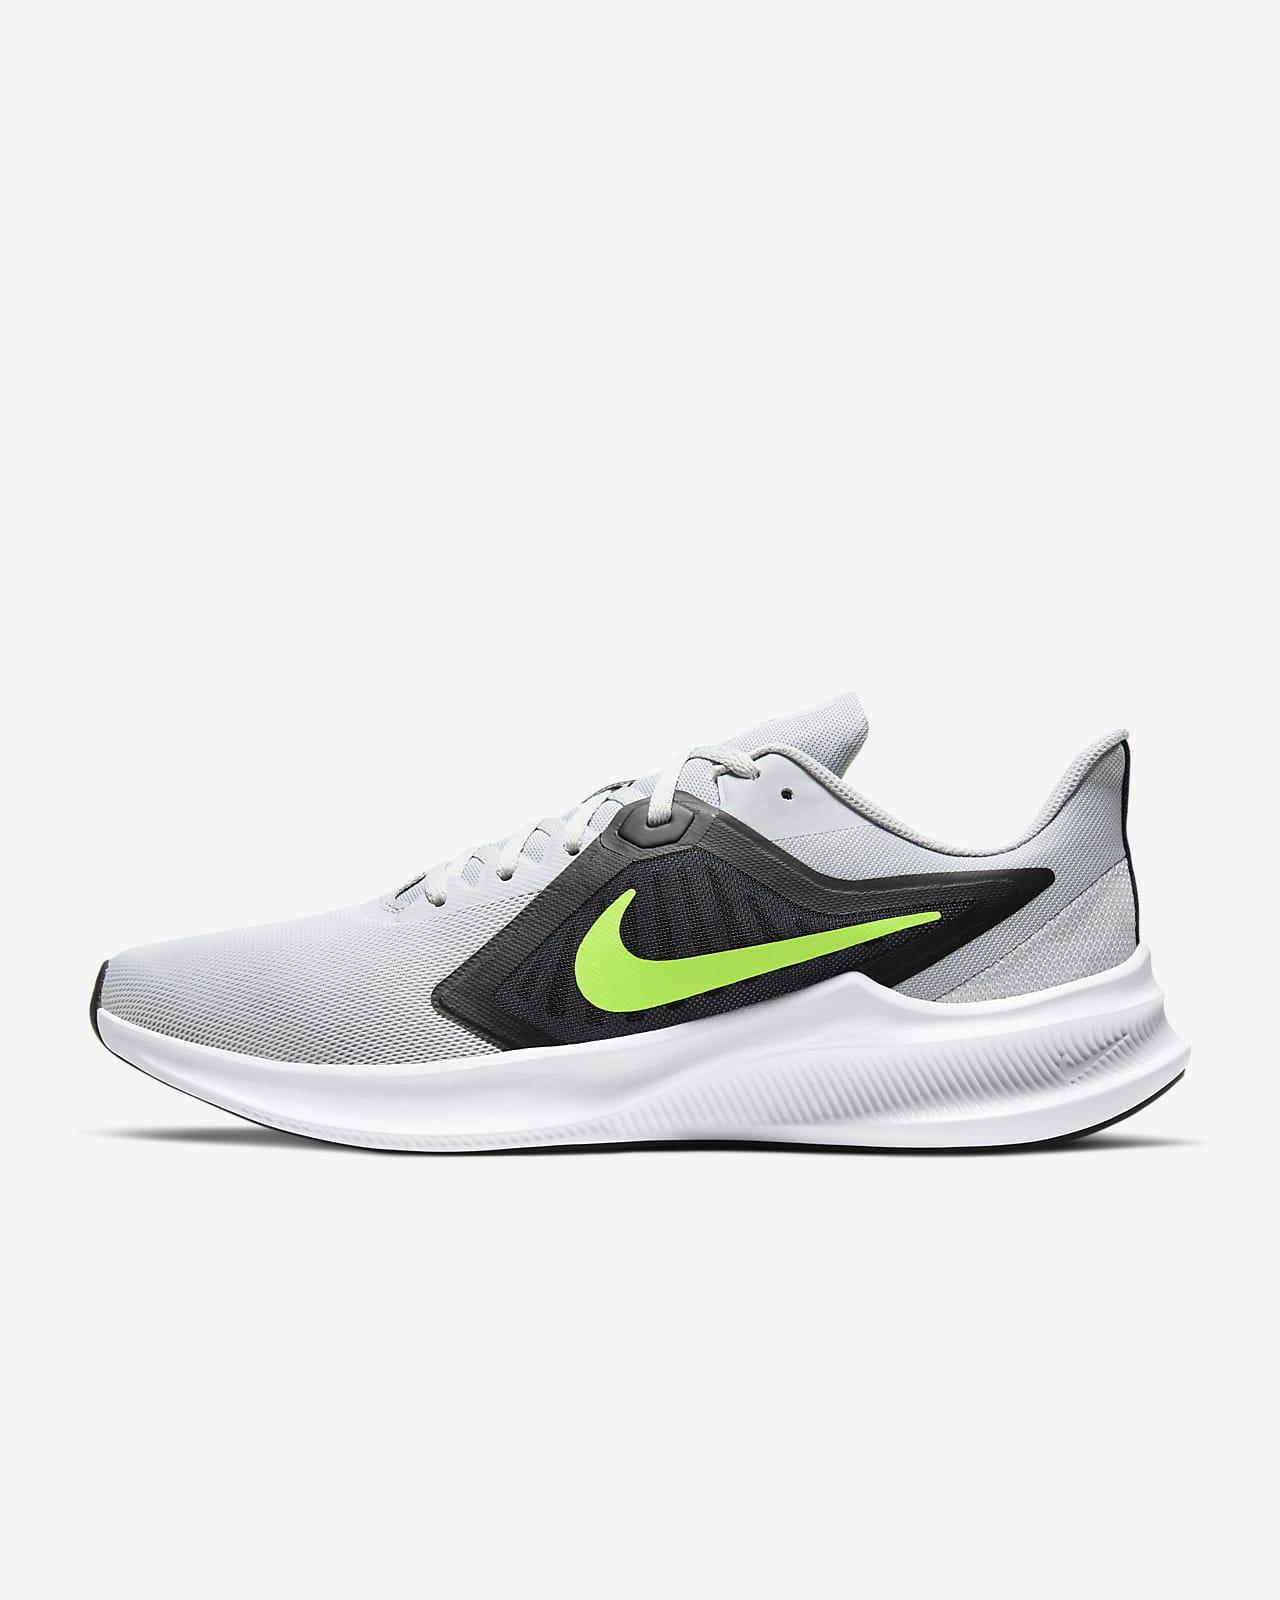 Nike Downshifter 10 Zapatillas de running - Hombre